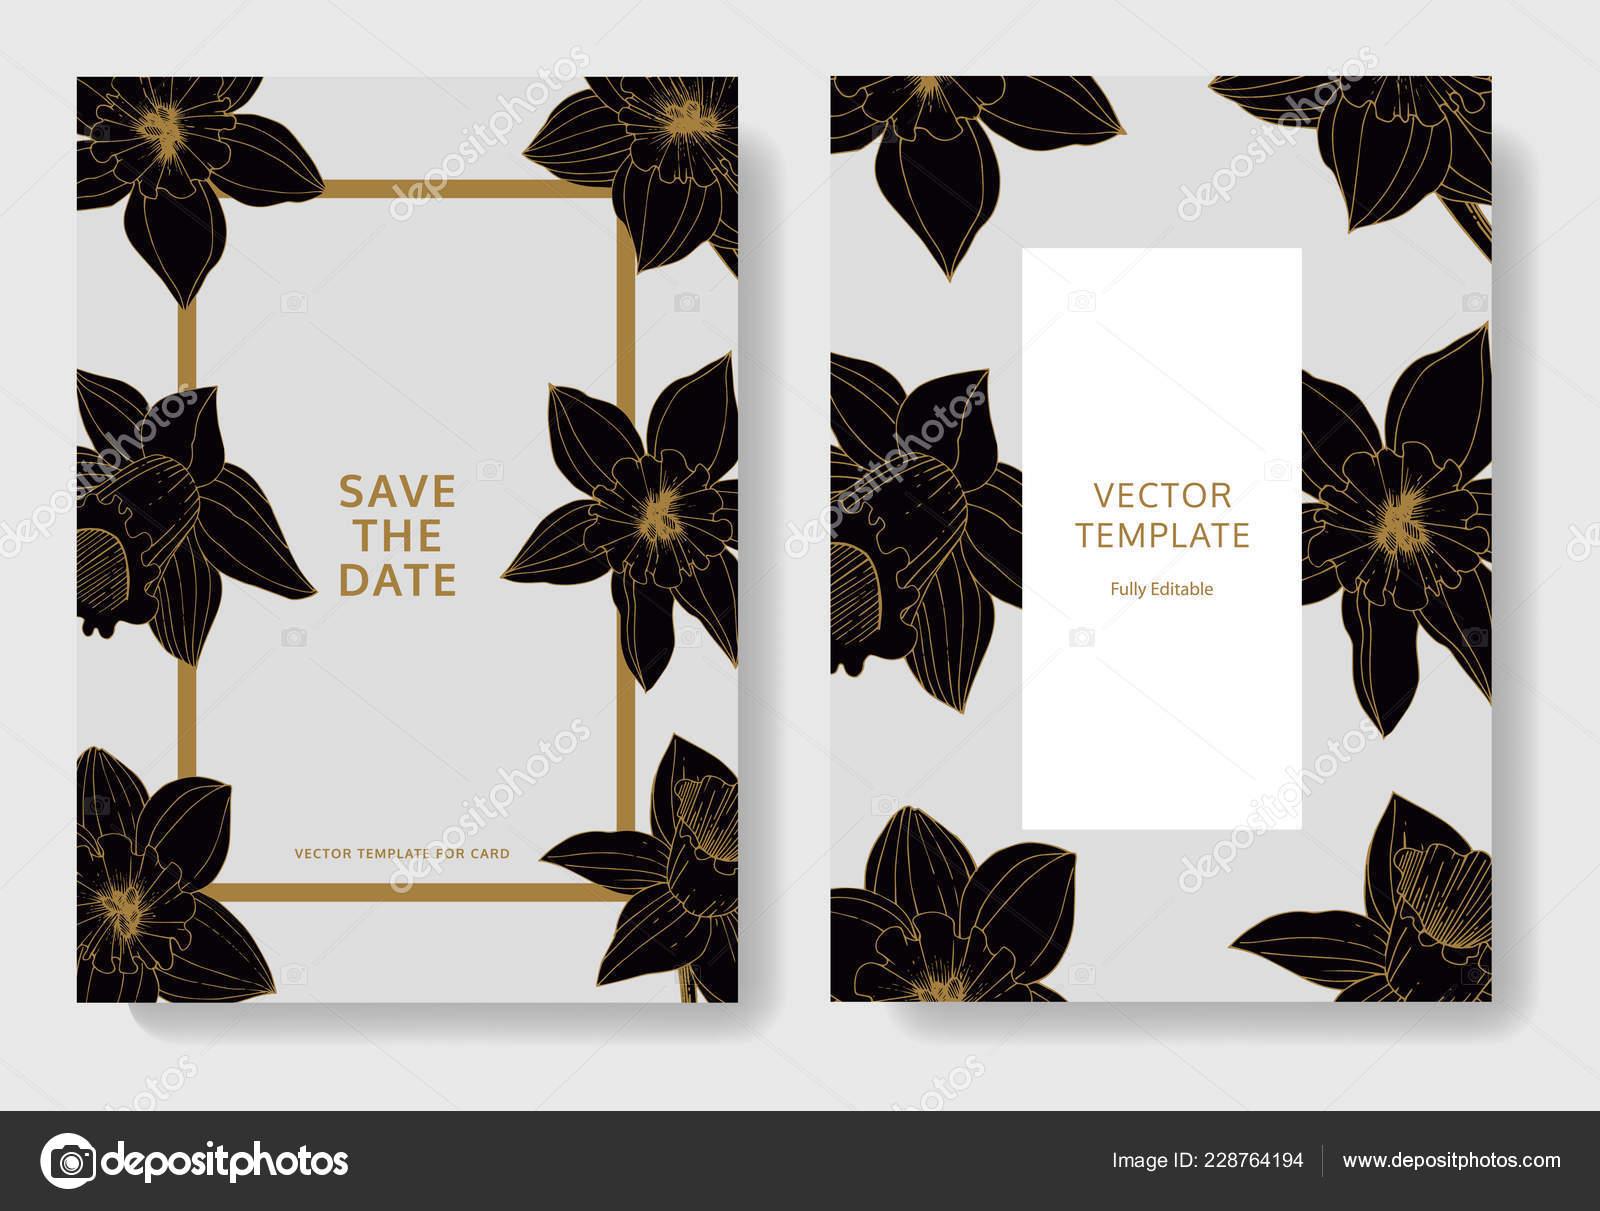 Vektor Narzisse Blumen Hochzeitskarten Mit Blumen Dekorative Grenzen